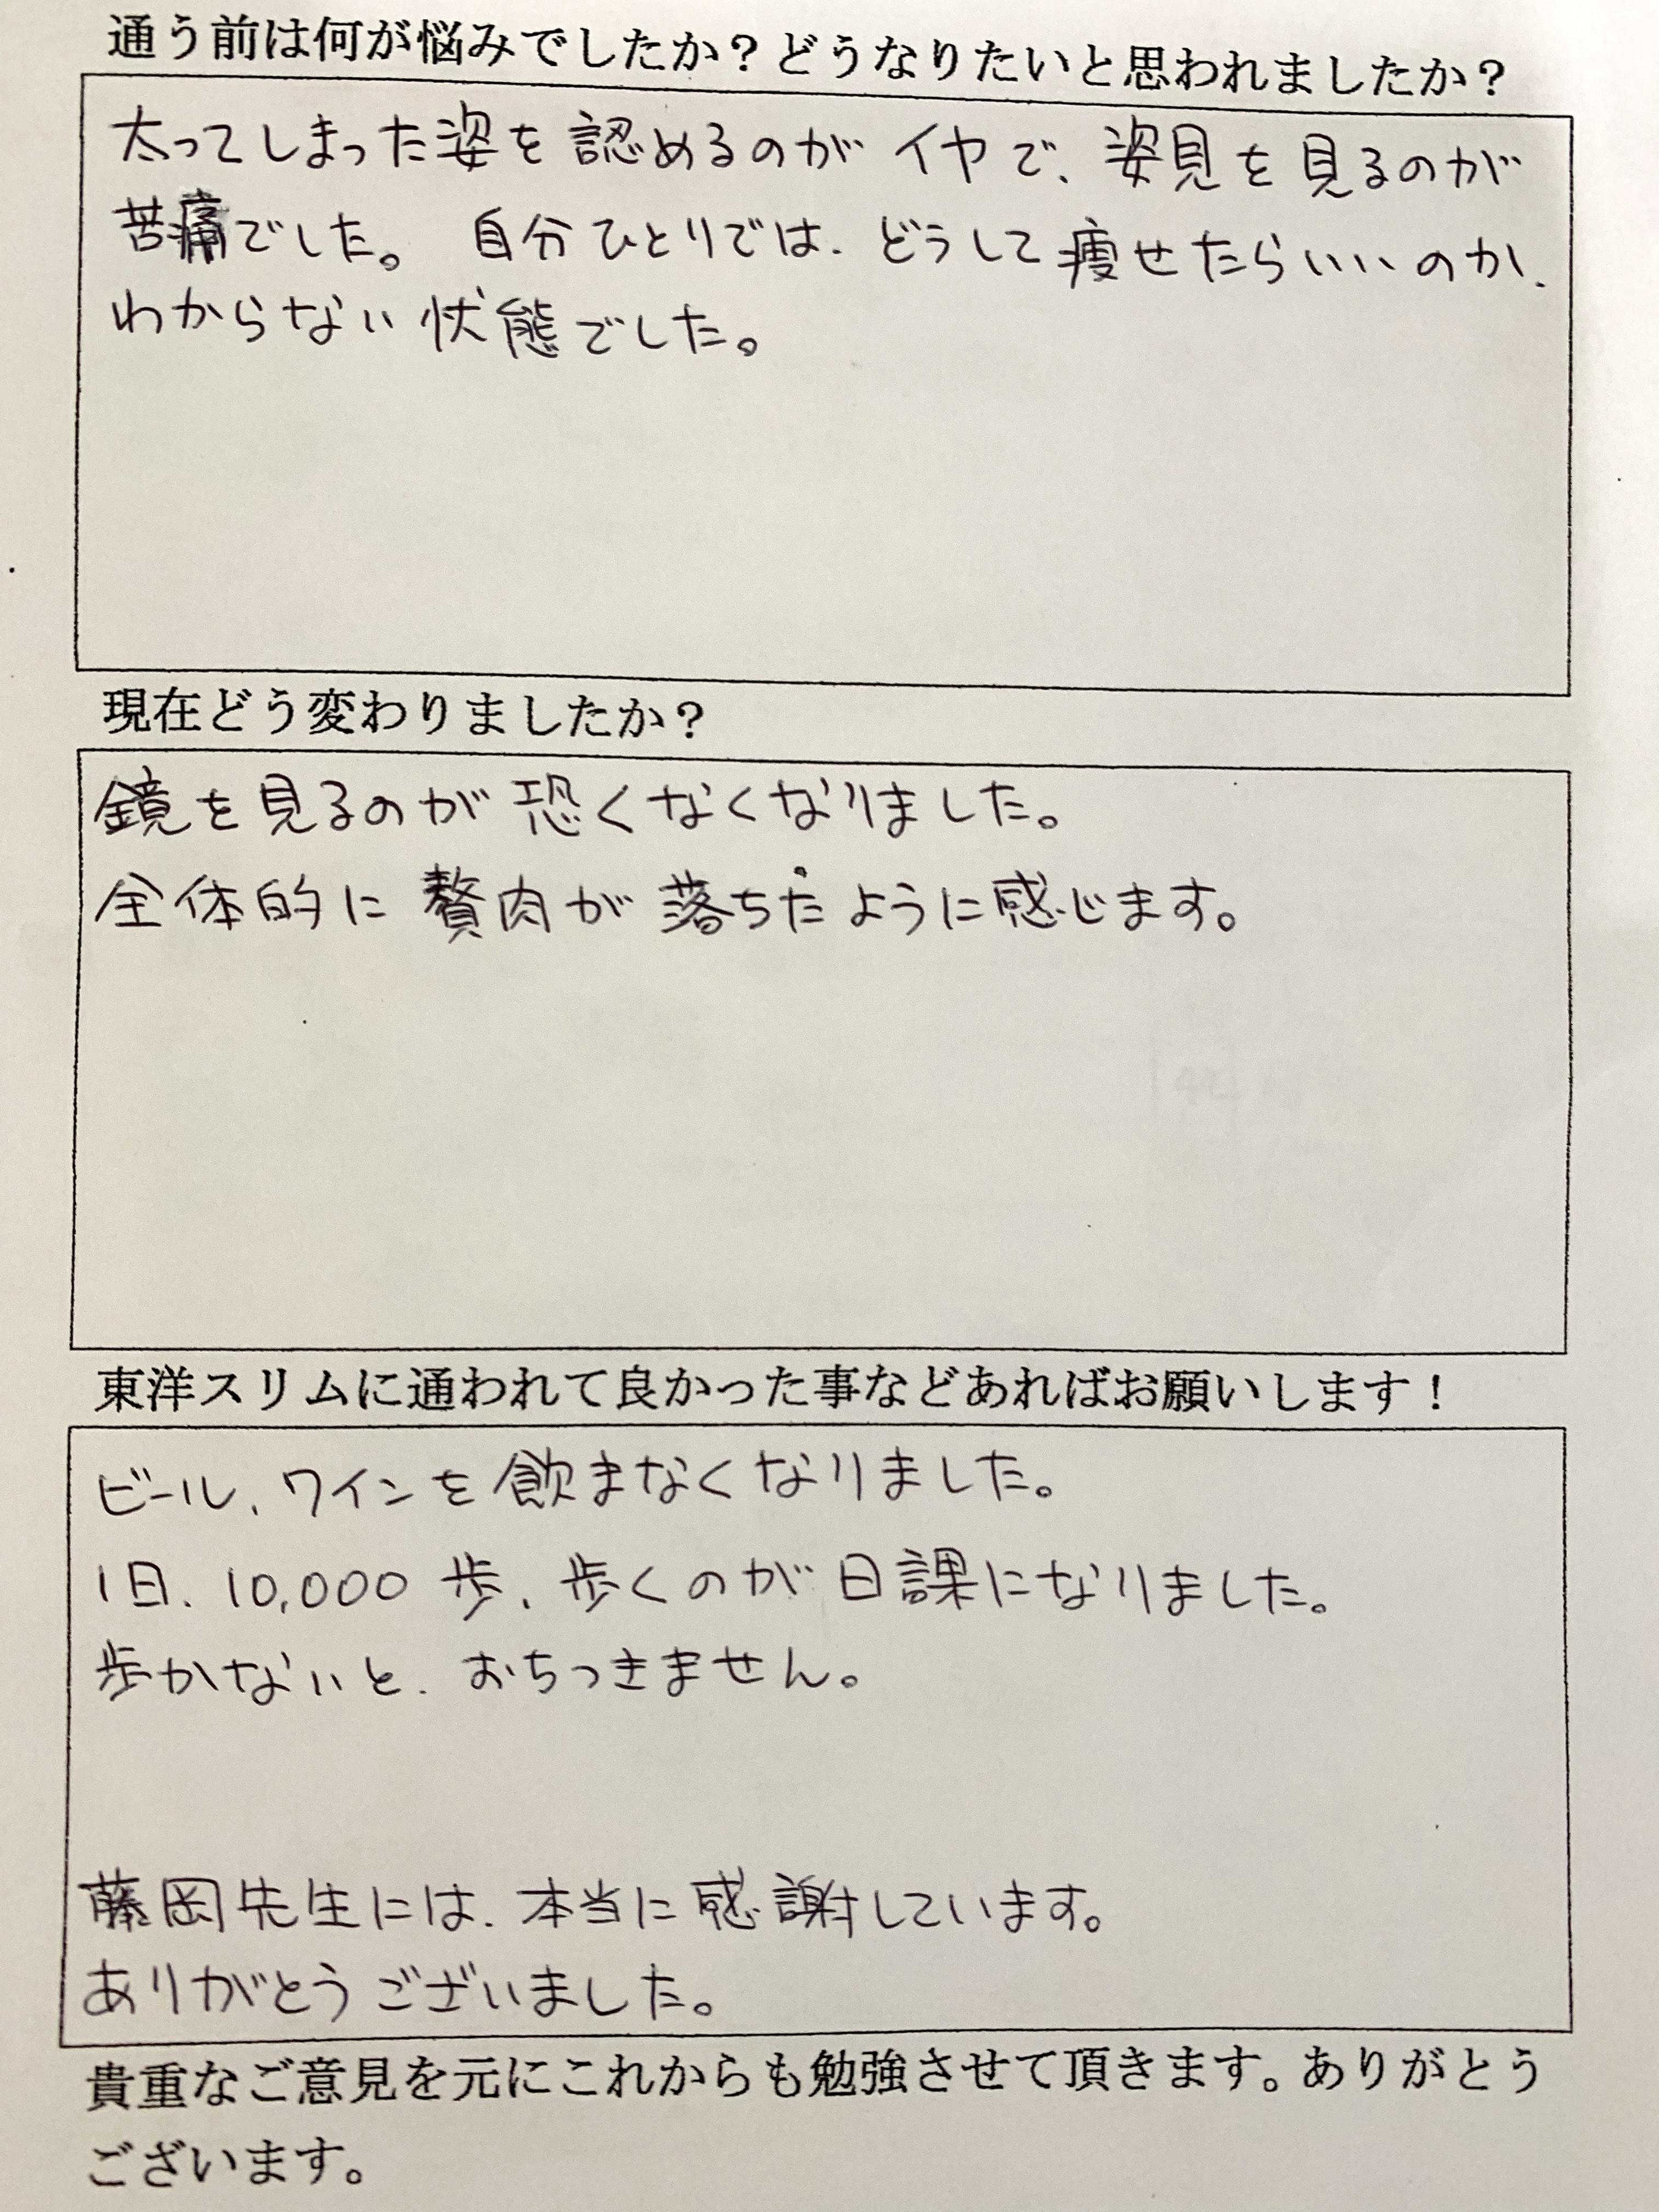 [皆様の声]大阪府柏原市Rさん耳つぼ痩身法でー8kgダイエット成功。鏡を見るのが怖くなくなりました。